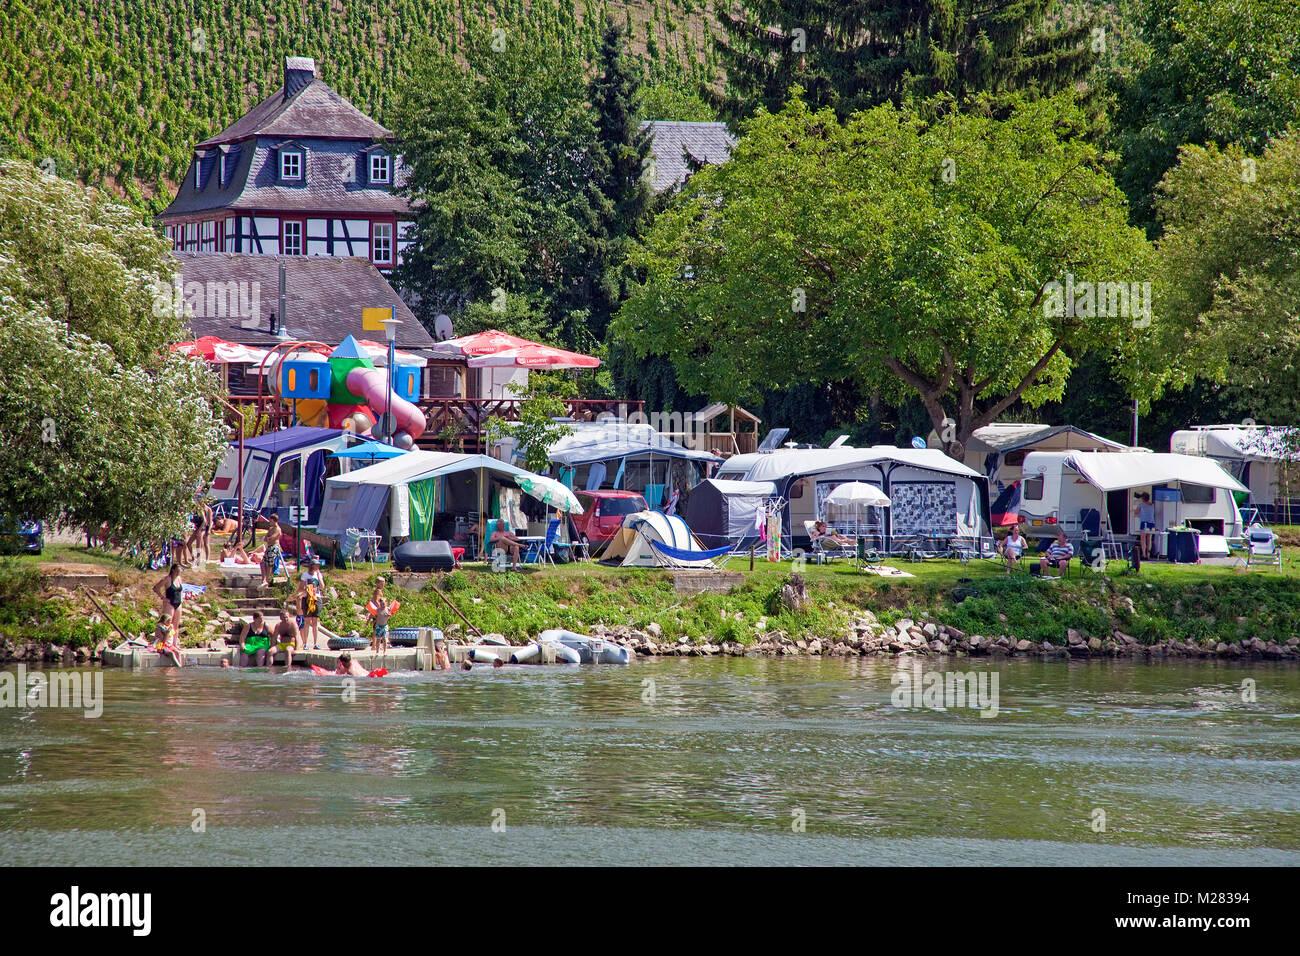 Terrain de camping à Riverside, baignade en rivière Moseller, Loup, Traben-Trarbach, Moselle, Rhénanie-Palatinat, Allemagne, Europe Banque D'Images